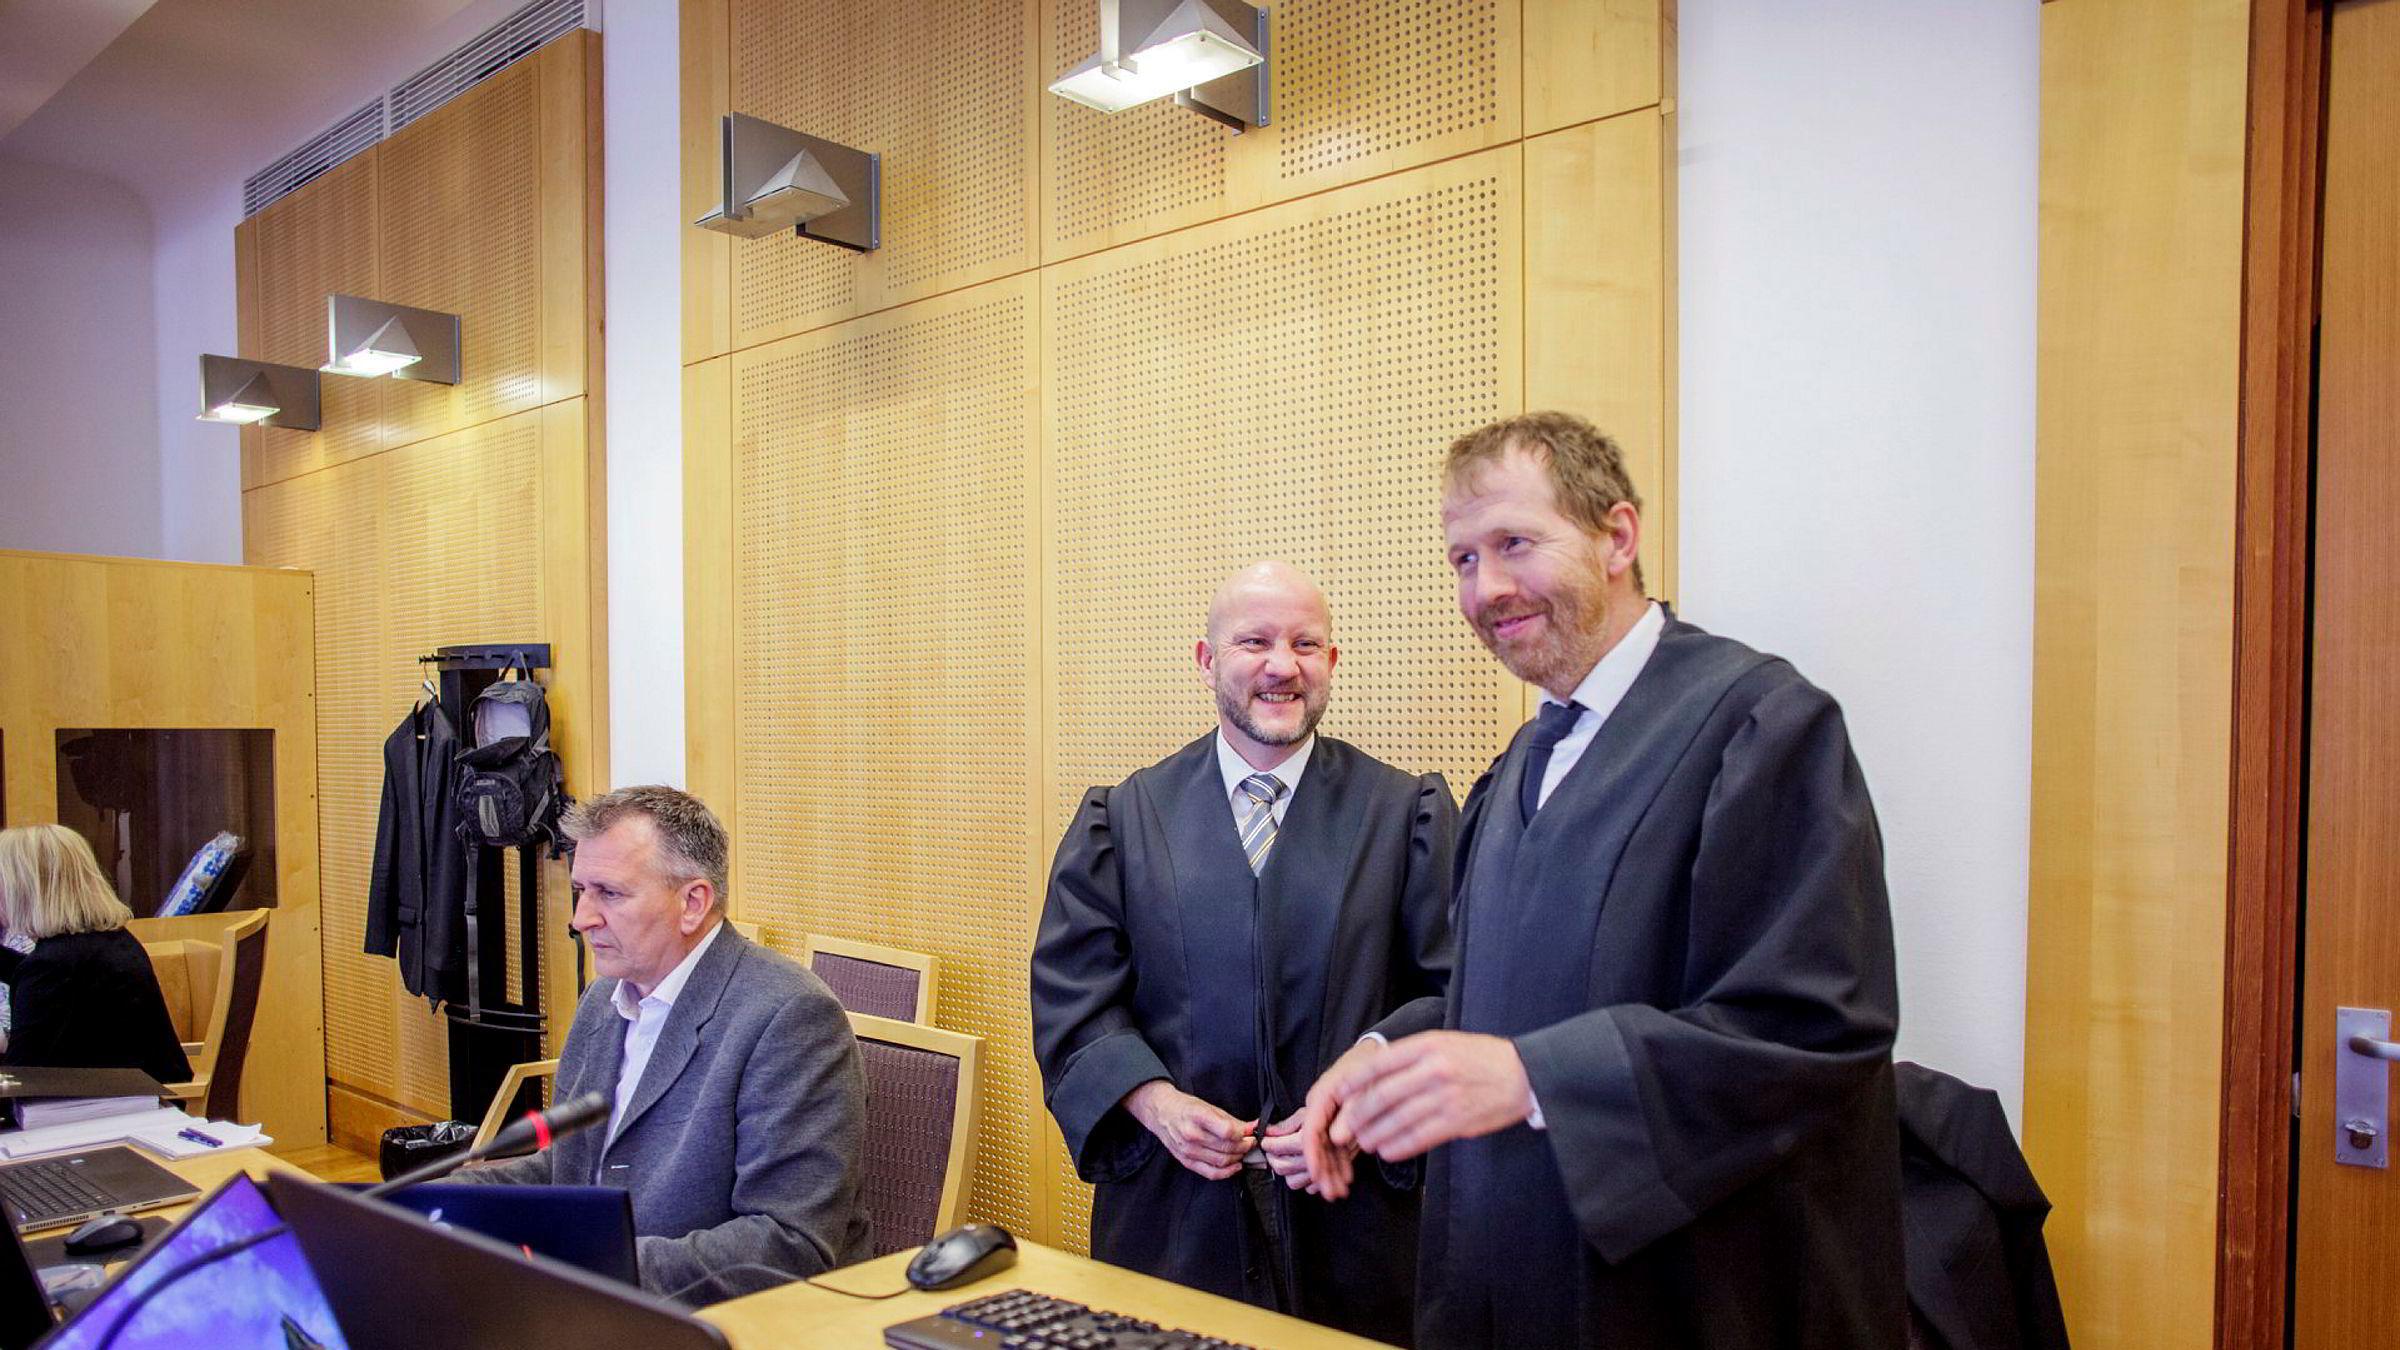 Aktor Geir Evanger (i midten) og medaktor Peter Andre Johansen (t.h.) mener det meste av det som skjedde i butikkene til Sajid Hussain var ulovlig og legger ned påstand om inndragning av 90 millioner kroner som de mener er kriminelt utbytte.